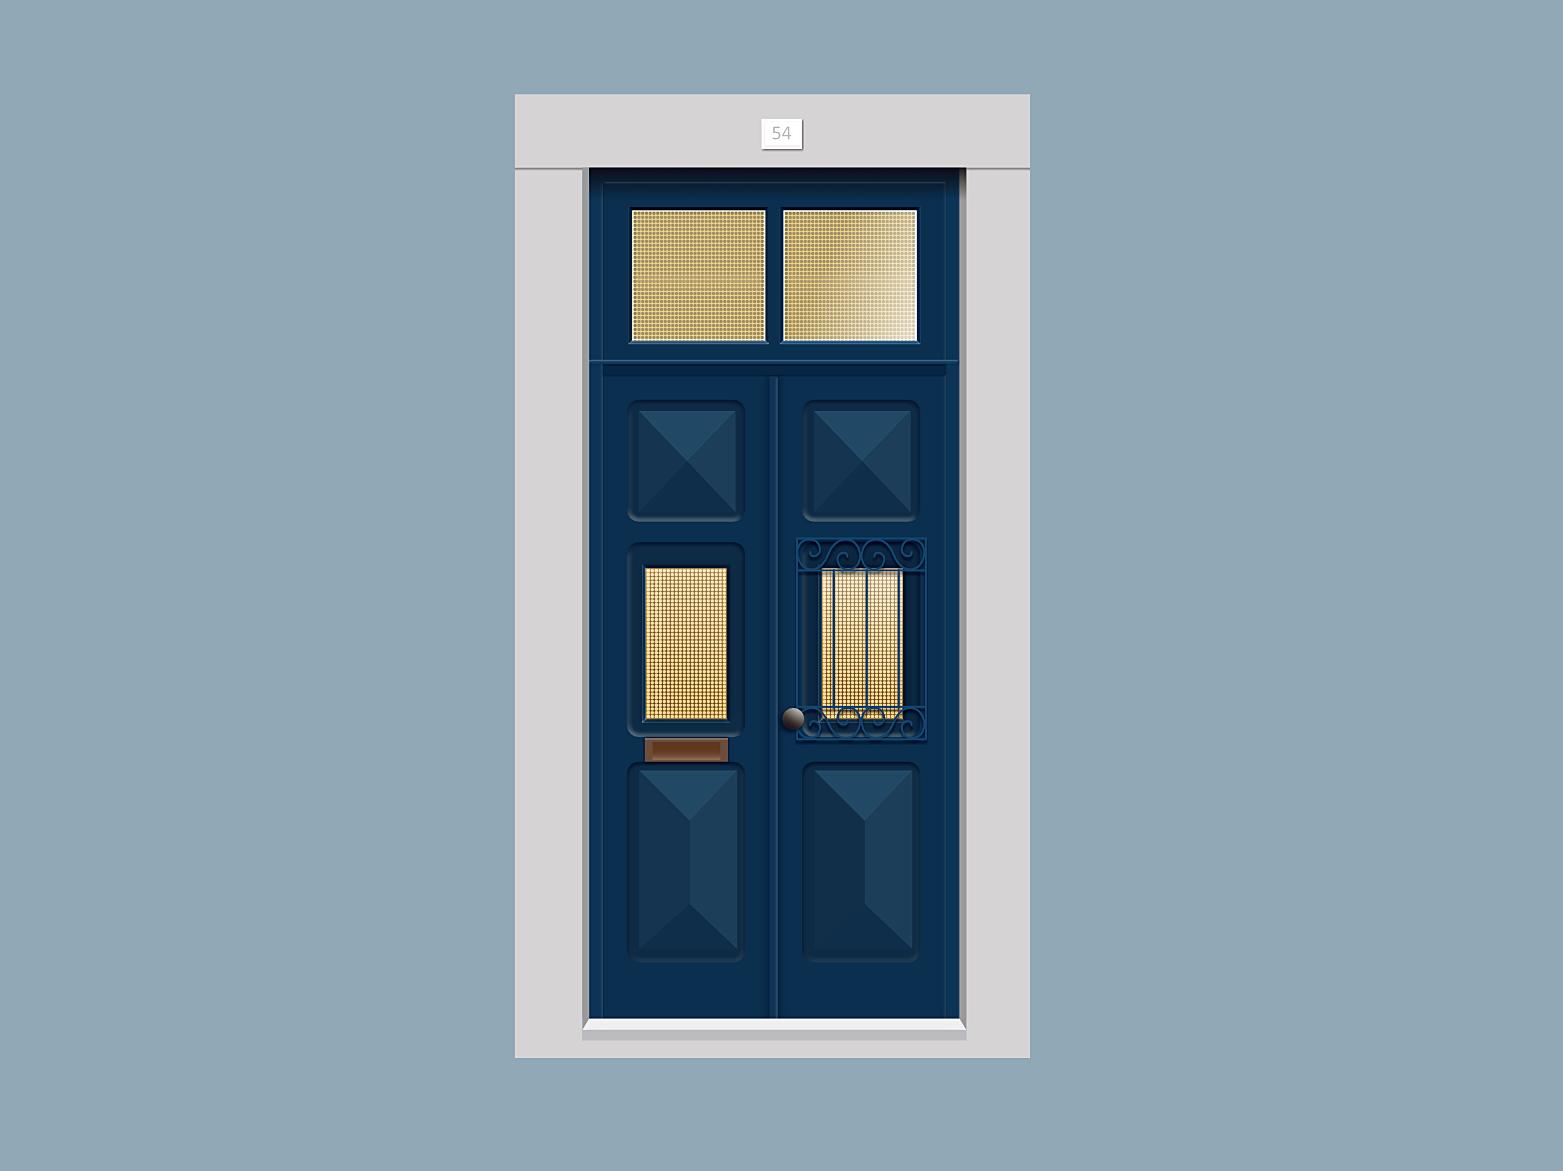 Door nº 54 madeinaffinity 2d art portugal 2d flat doors vector design illustration door affinity